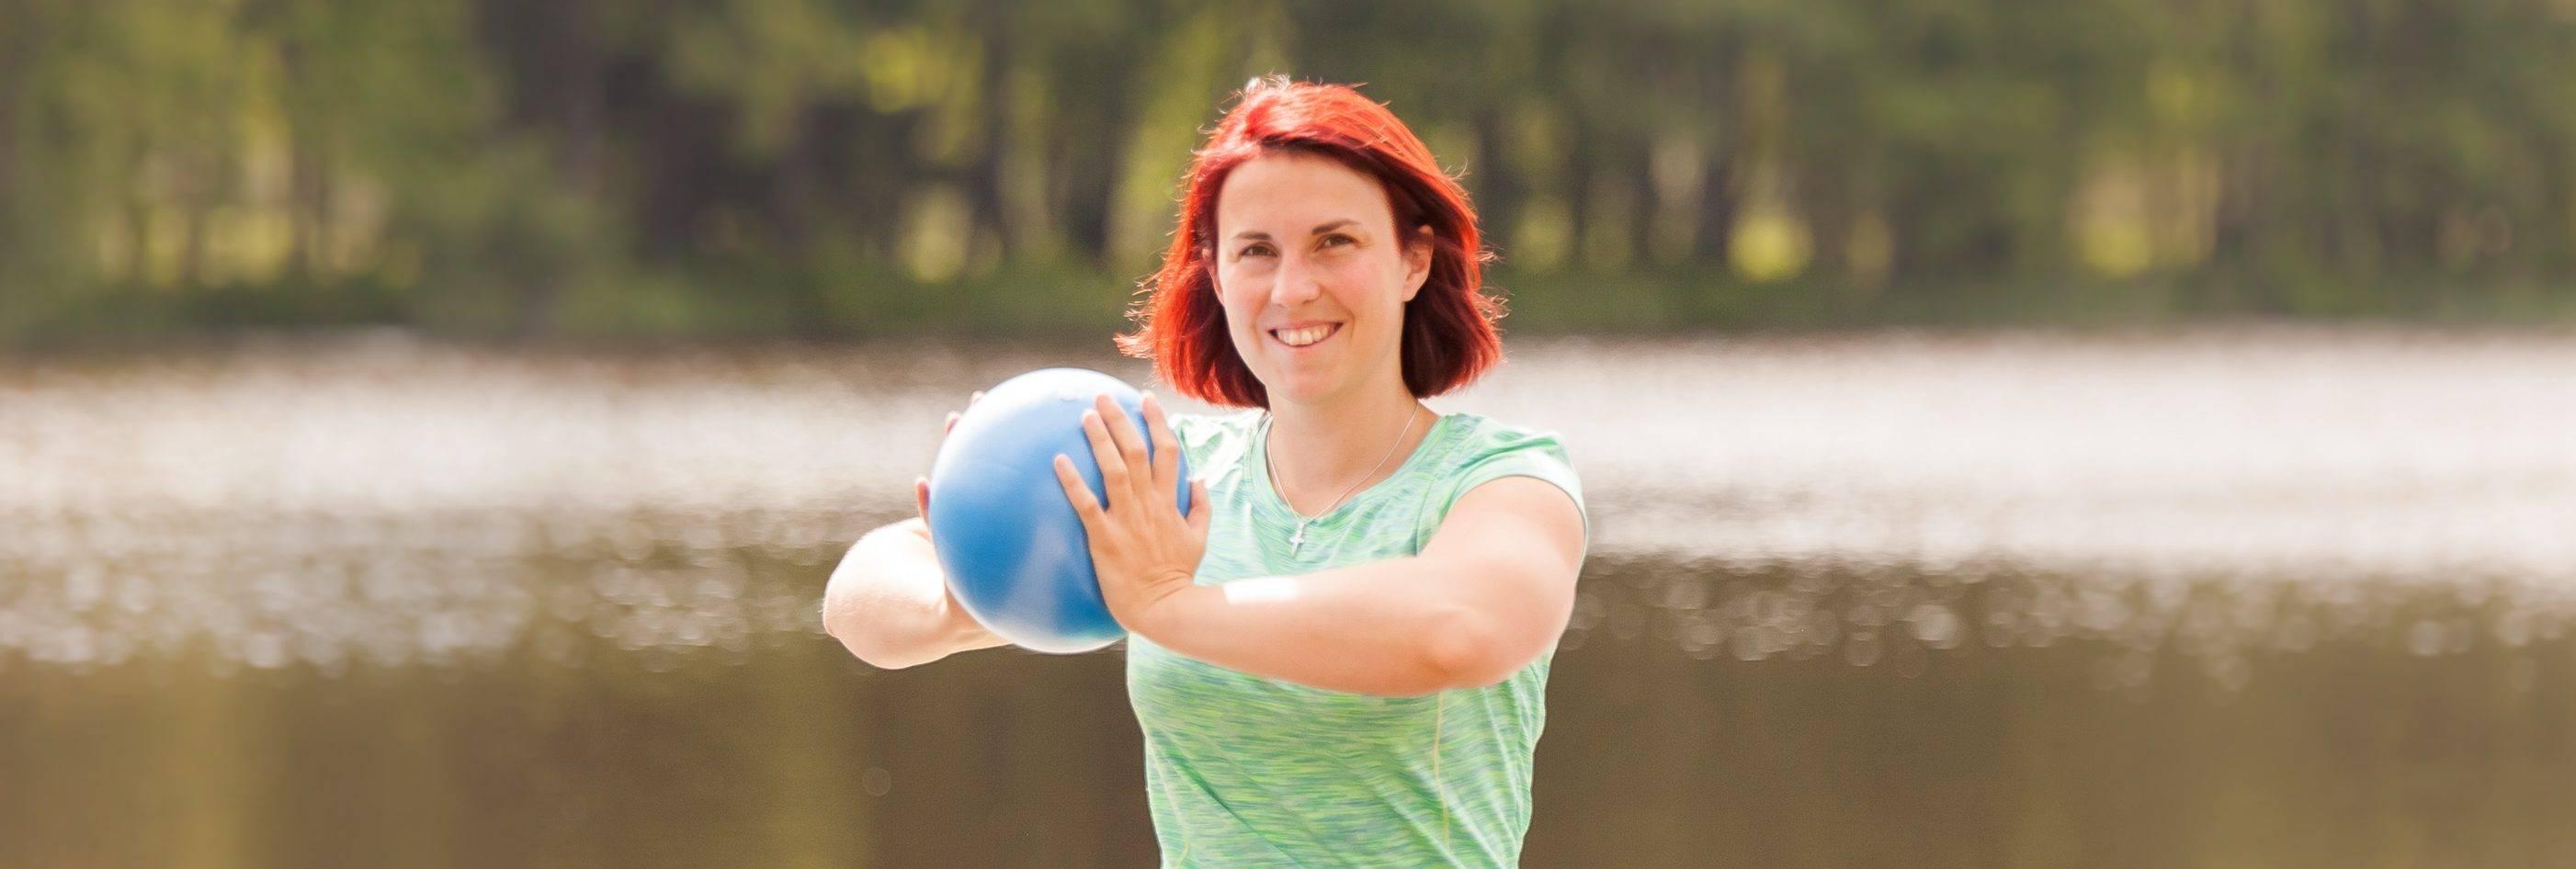 Mein bewegtes Leben (2) – wie sich meine Einstellung zum Sport verändert hat